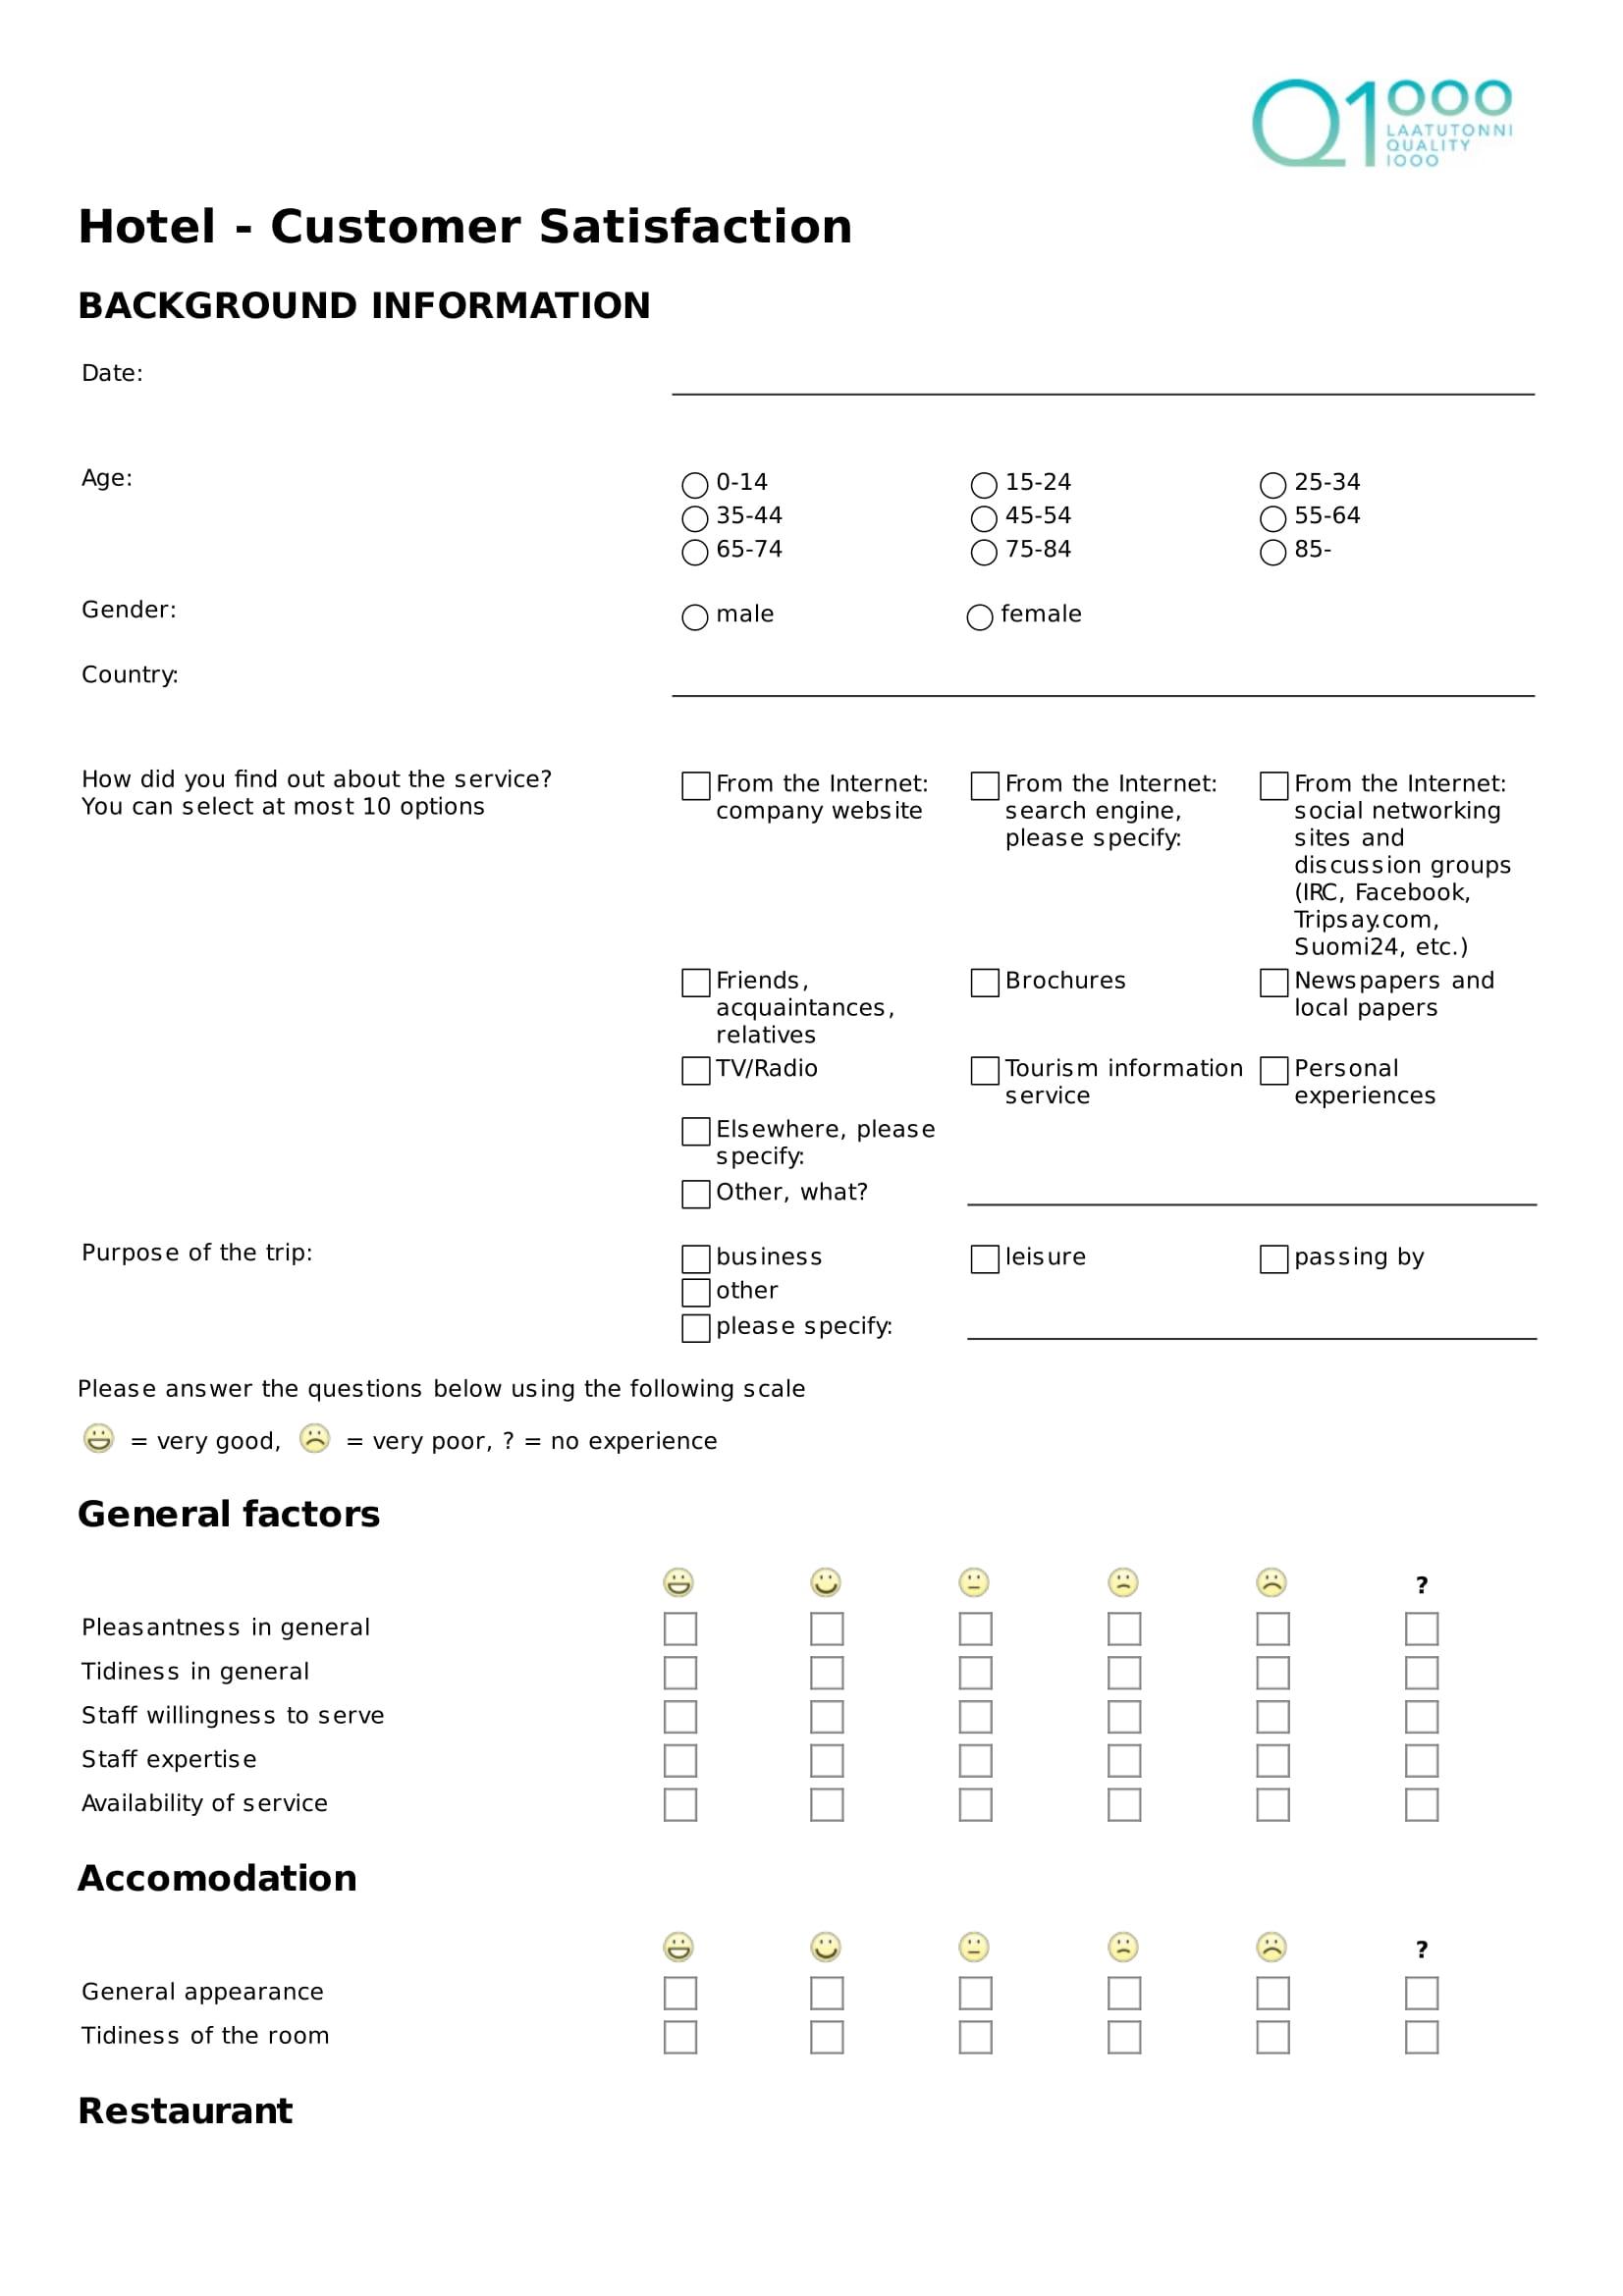 hotel customer satisfaction feedback form 1